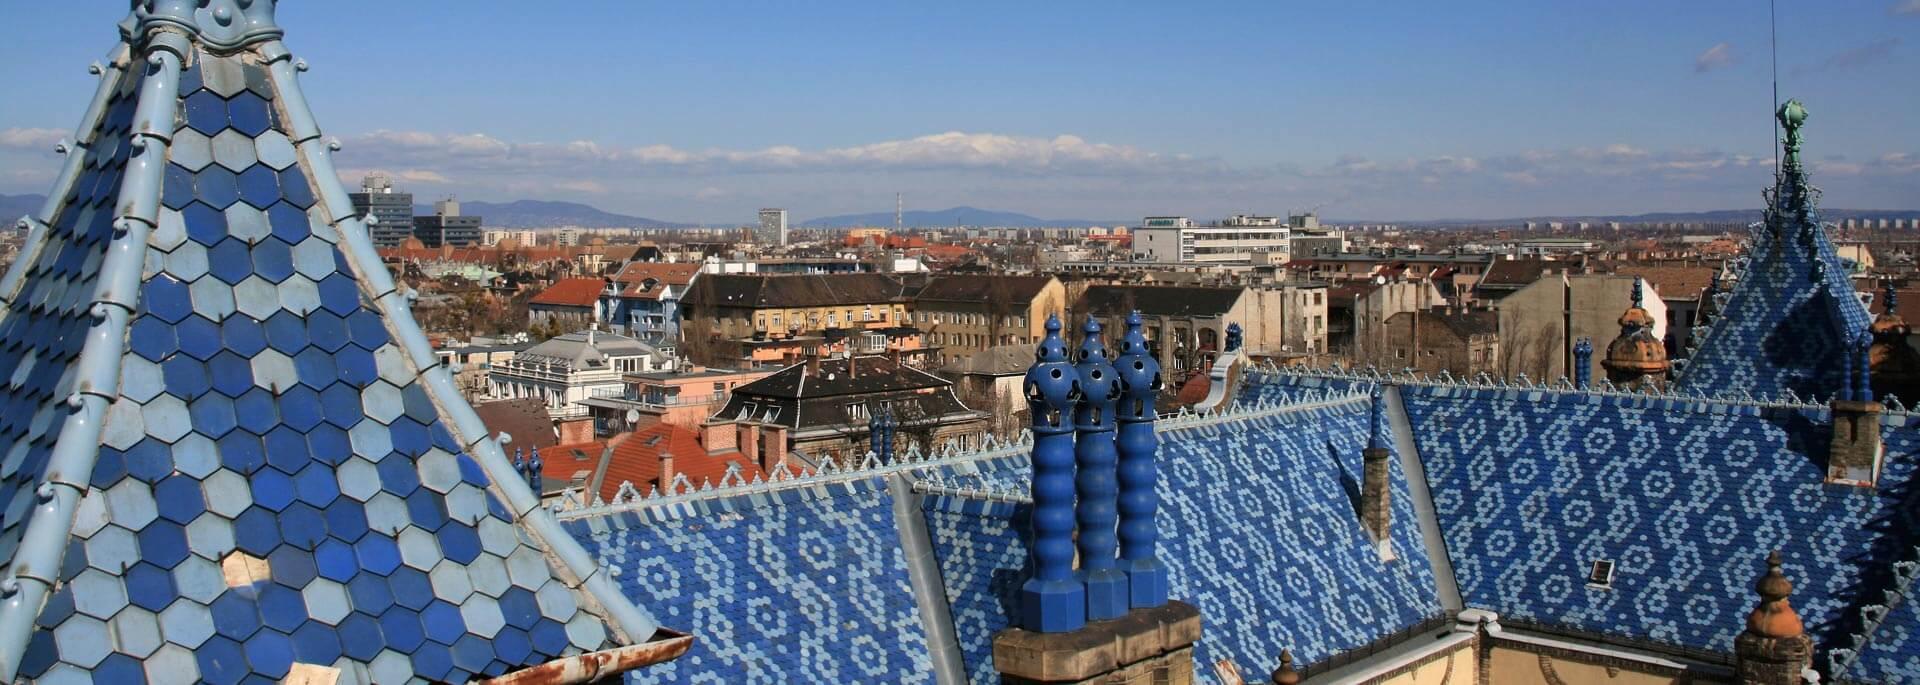 Wie ich morgens um 8 Uhr über die blauen Fliesen und Dächer Budapests lief